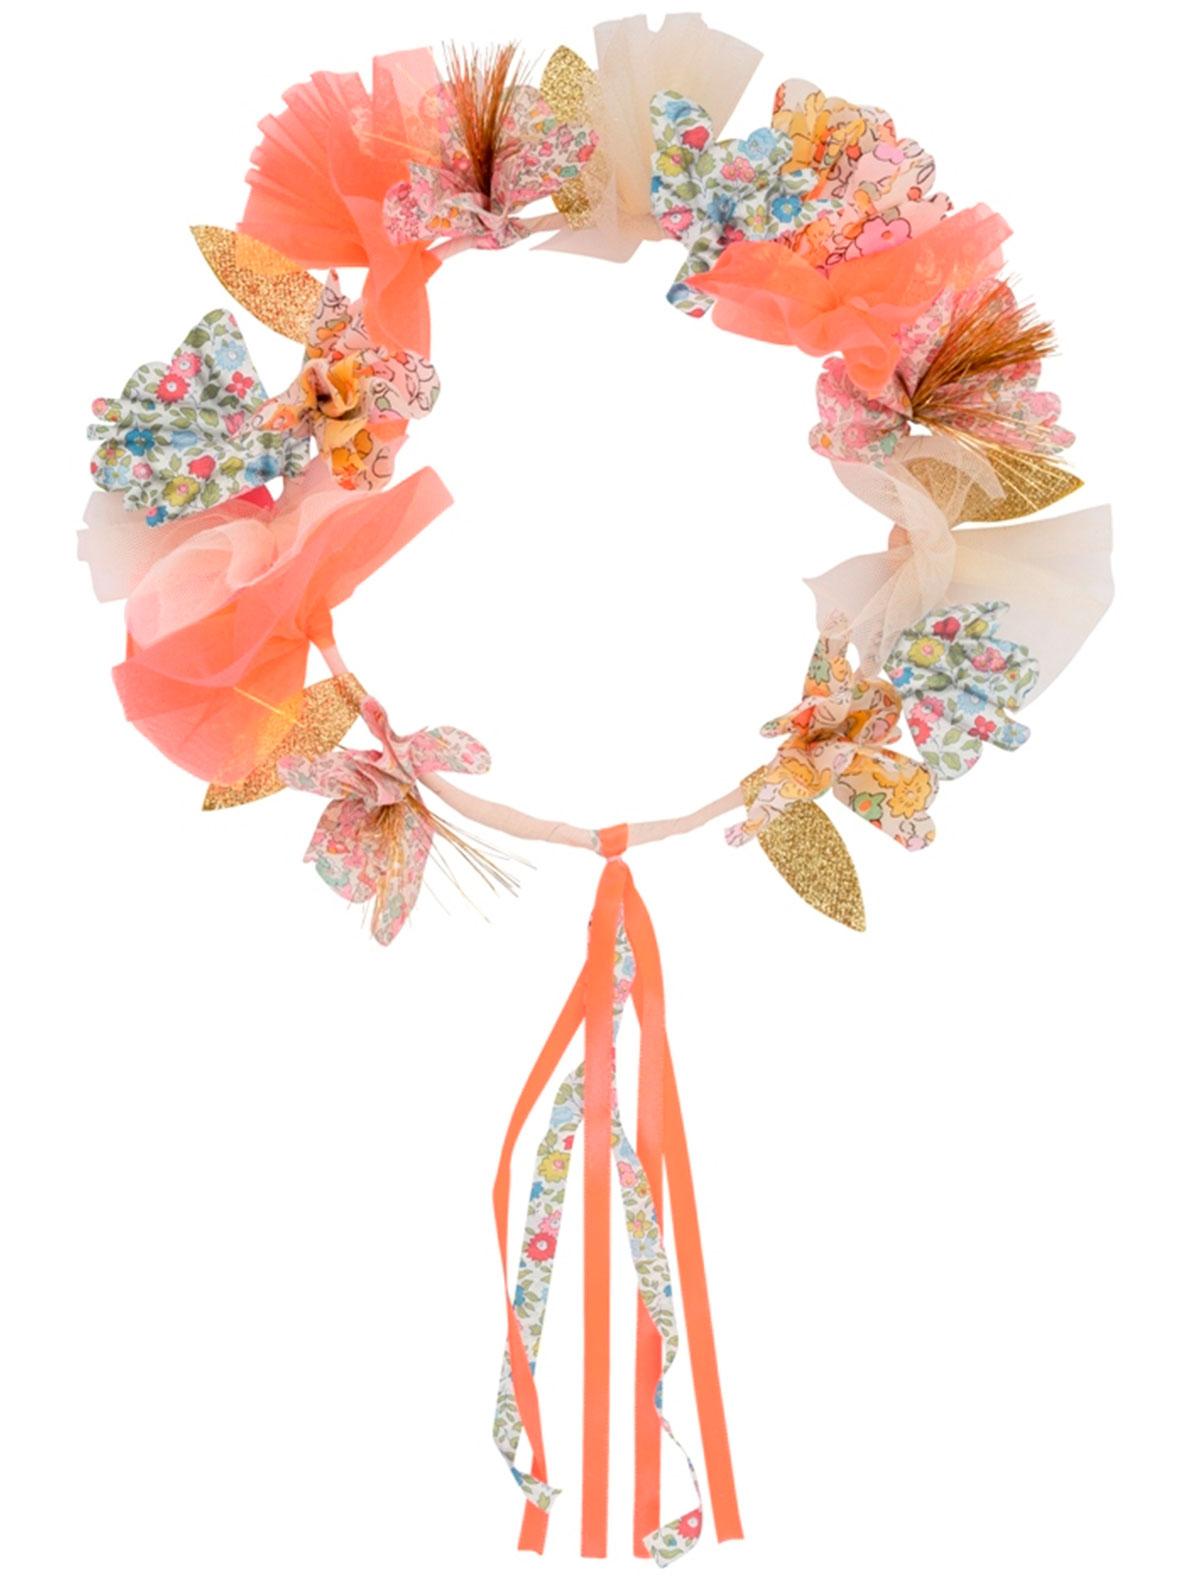 Купить 2260685, Украшение для праздника Meri Meri, разноцветный, 6584520080758